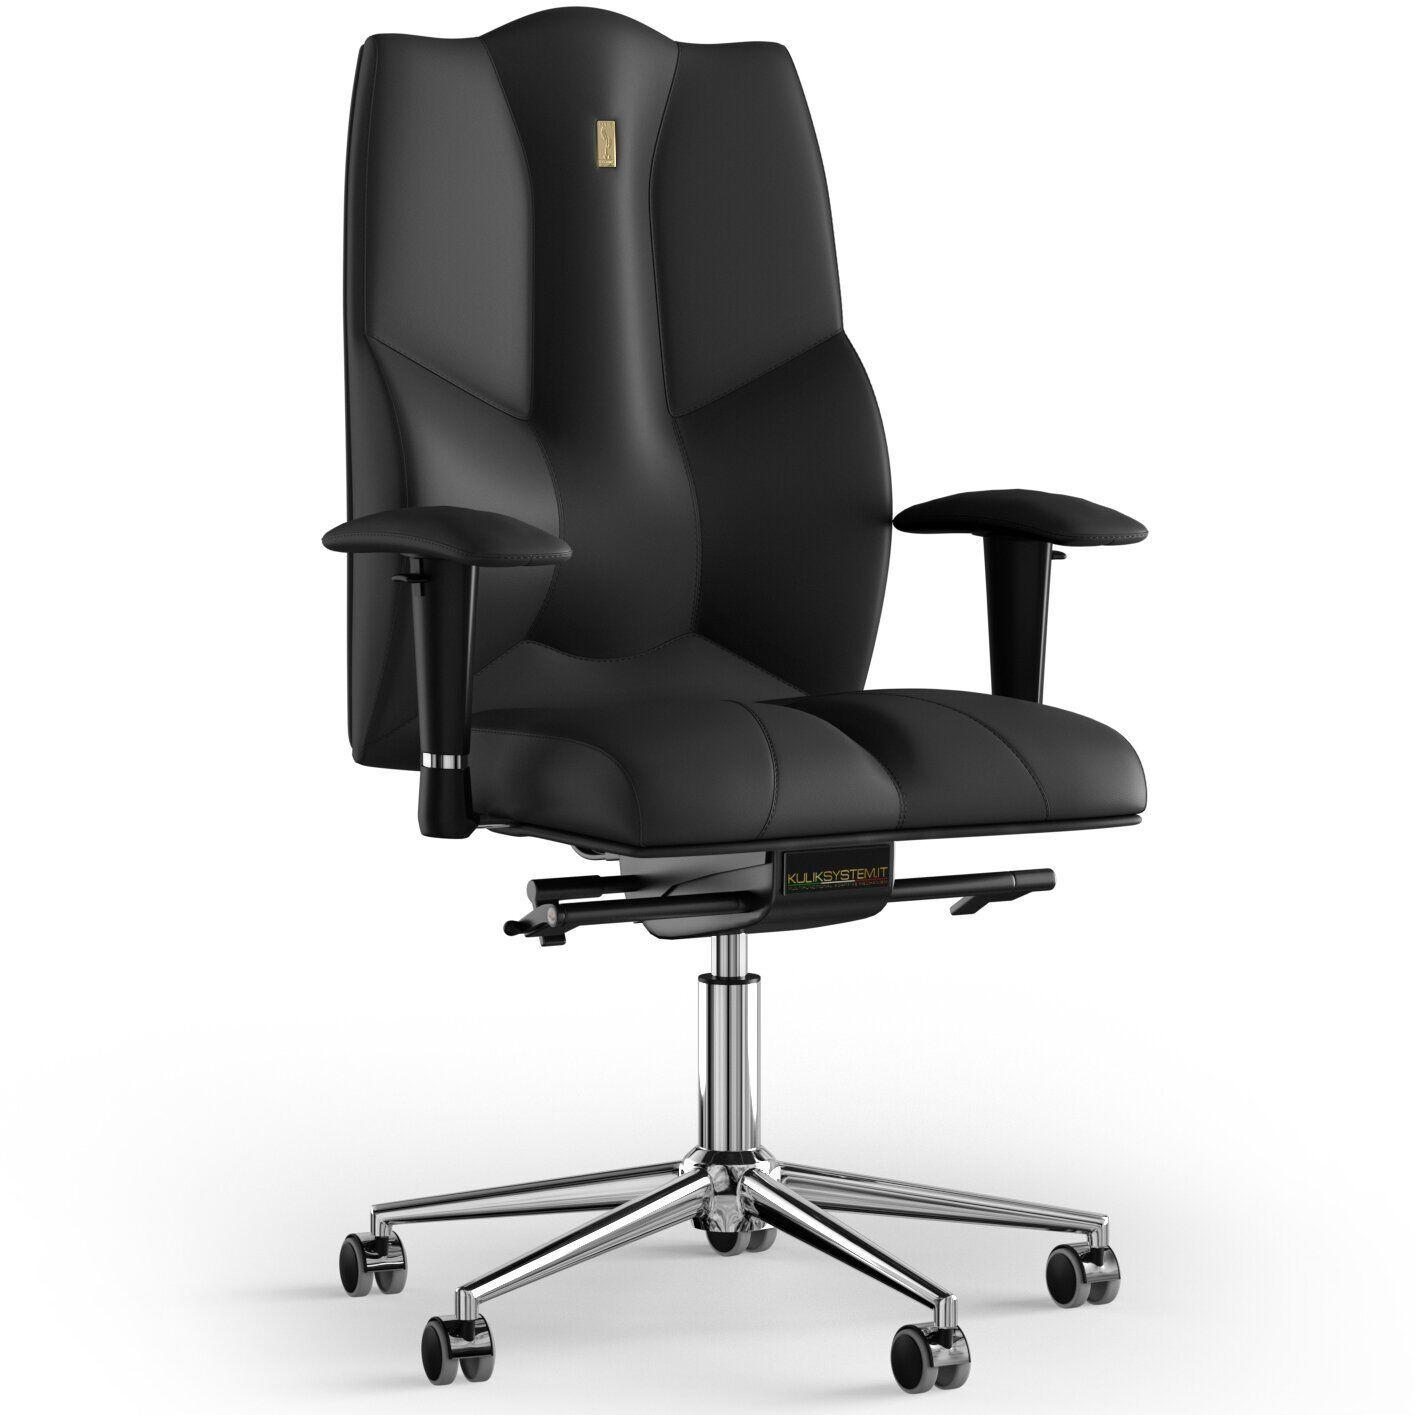 Кресло KULIK SYSTEM BUSINESS Экокожа без подголовника без строчки